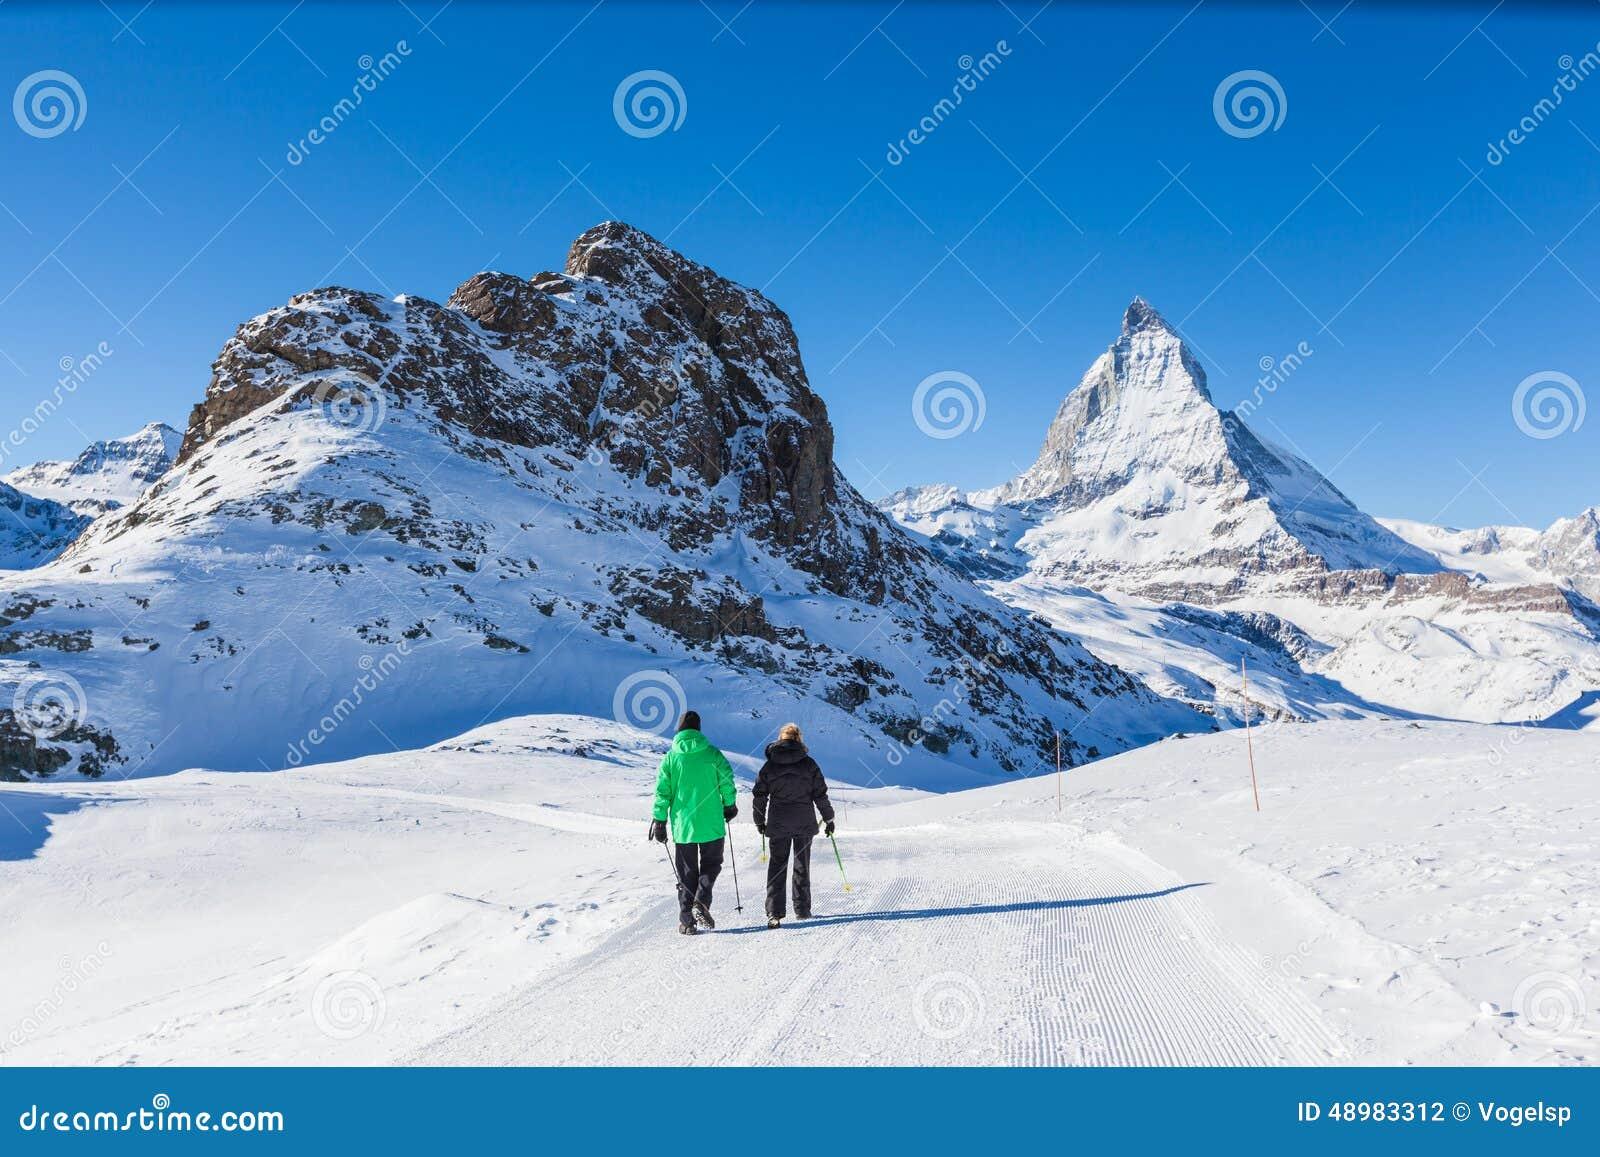 Senior couple doing winter hiking near Matterhorn, Zermatt